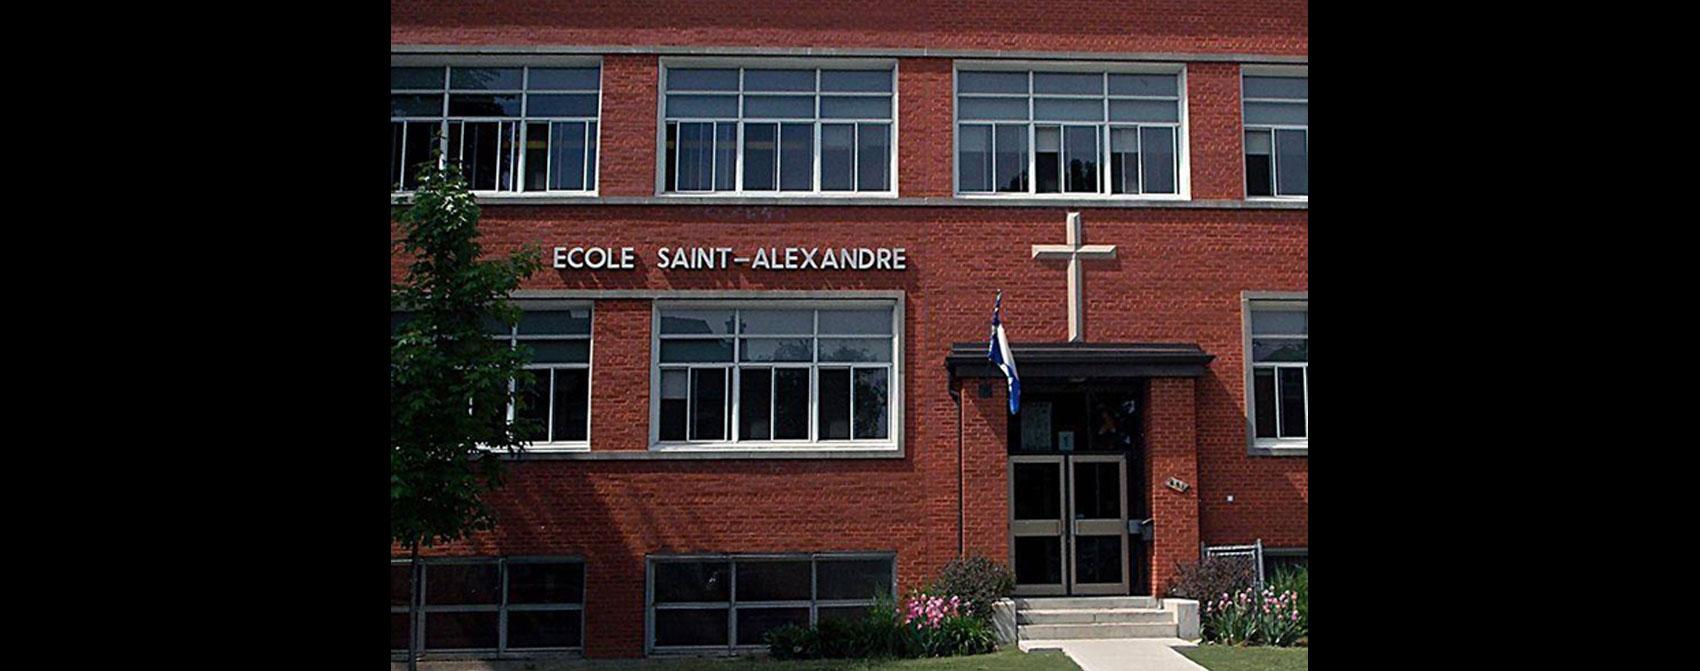 Ecole_Saint Alexandre Lachute_1700X670